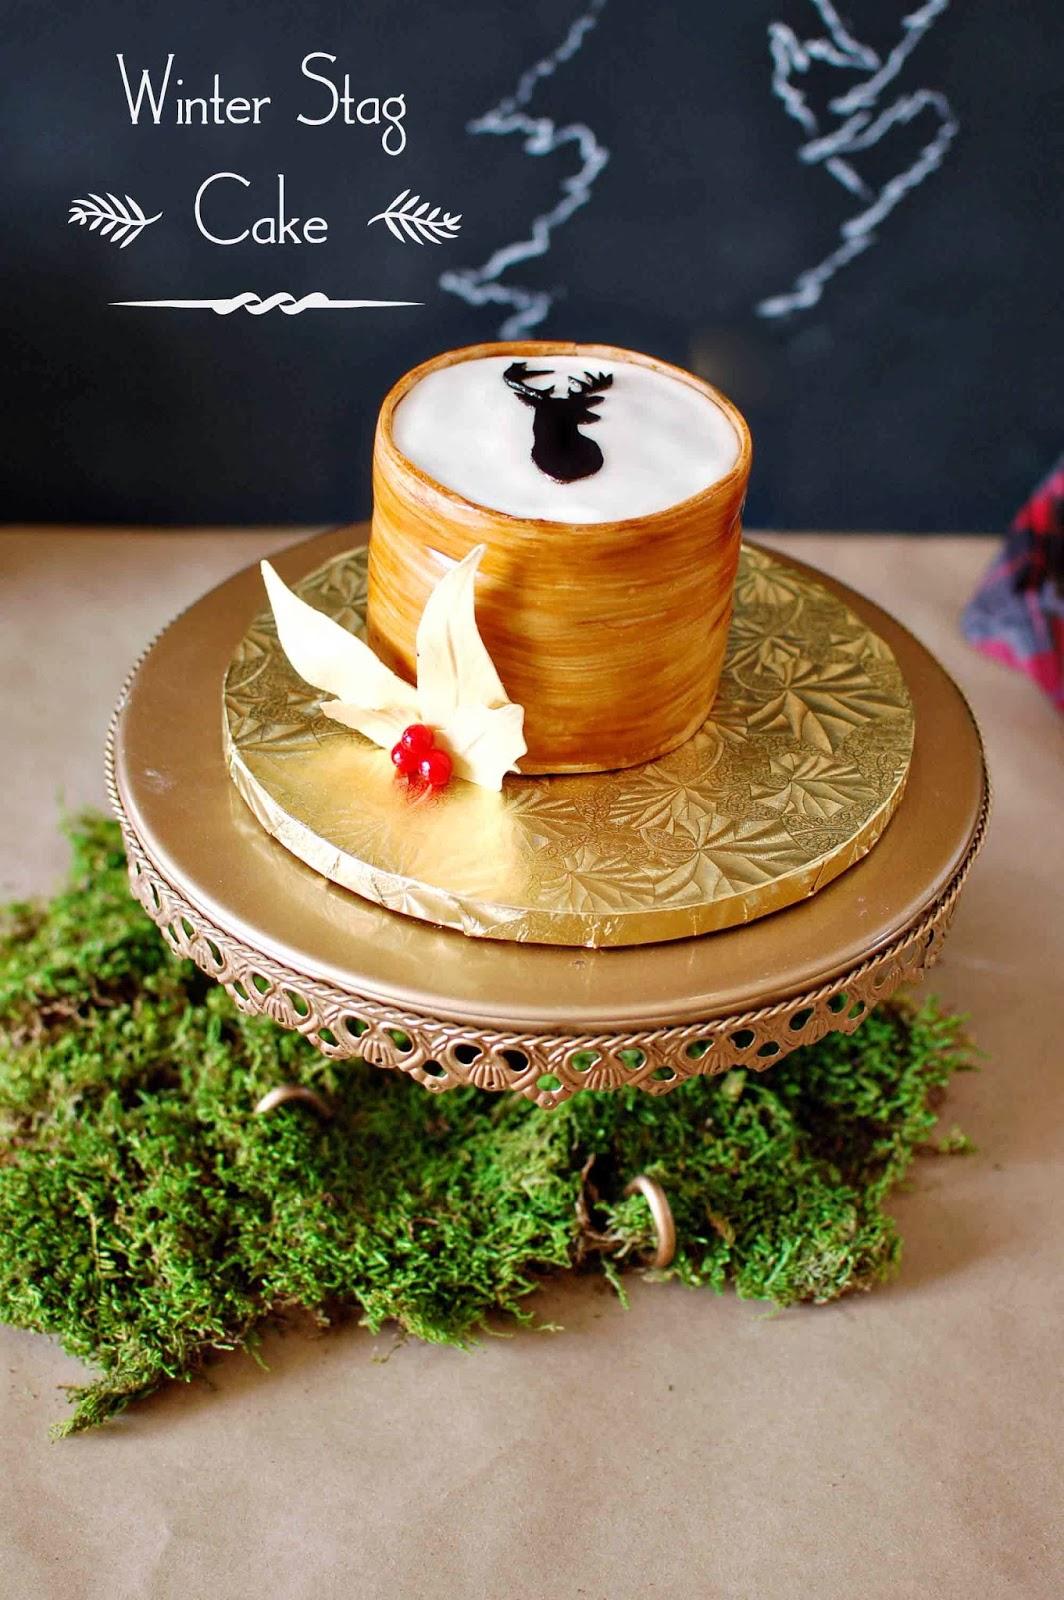 CAKE HAPPENS: Christmas White Aspen Cake & Wood Grain Stag